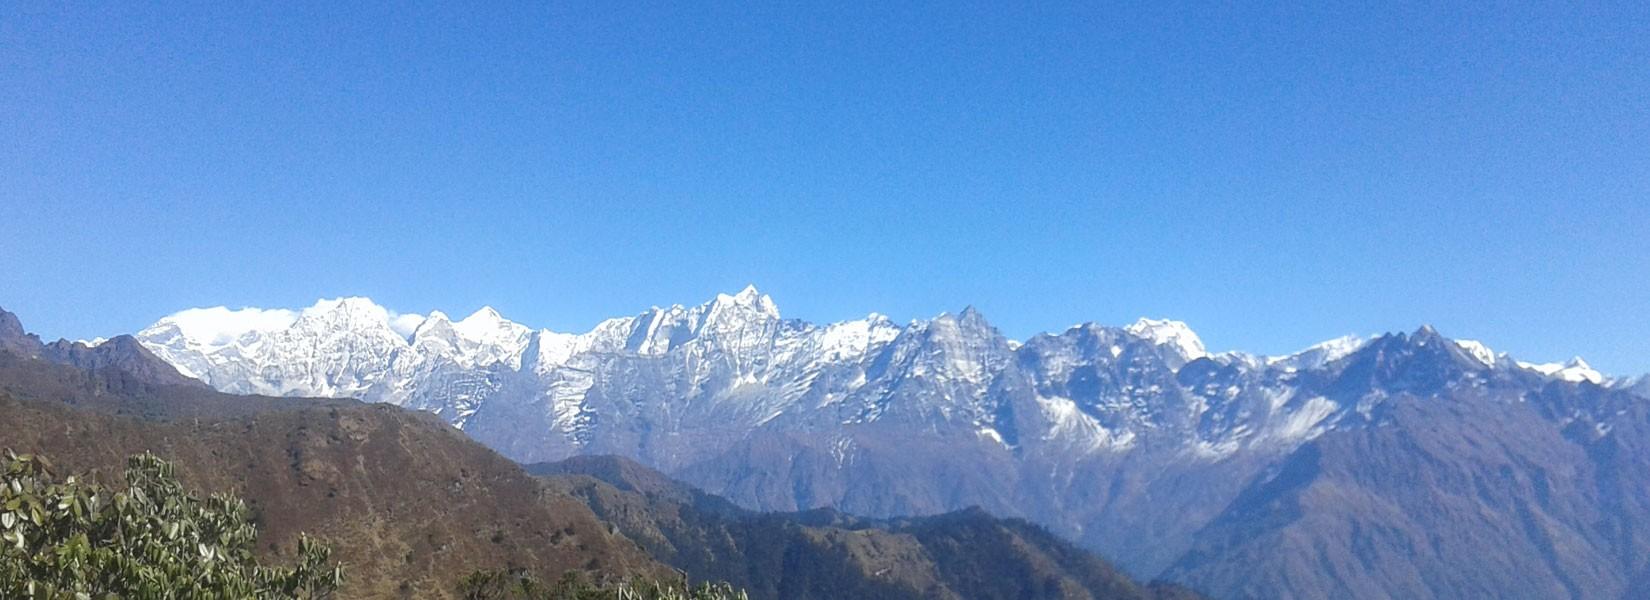 Lower Everest Dudhkunda Trek